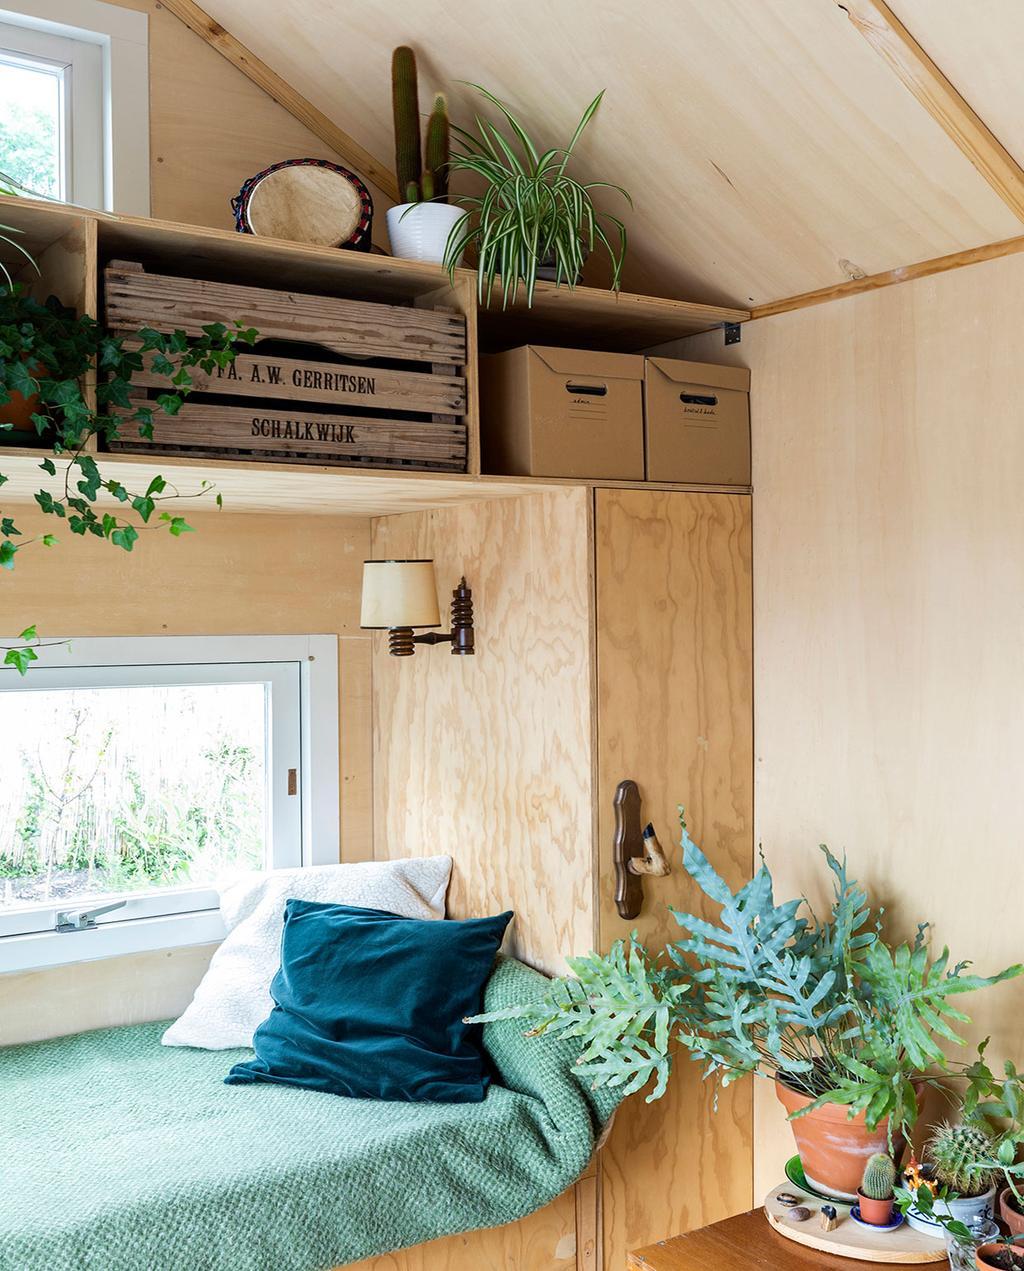 vtwonen special tiny houses | ingebouwde bank tussen kasten in tiny house